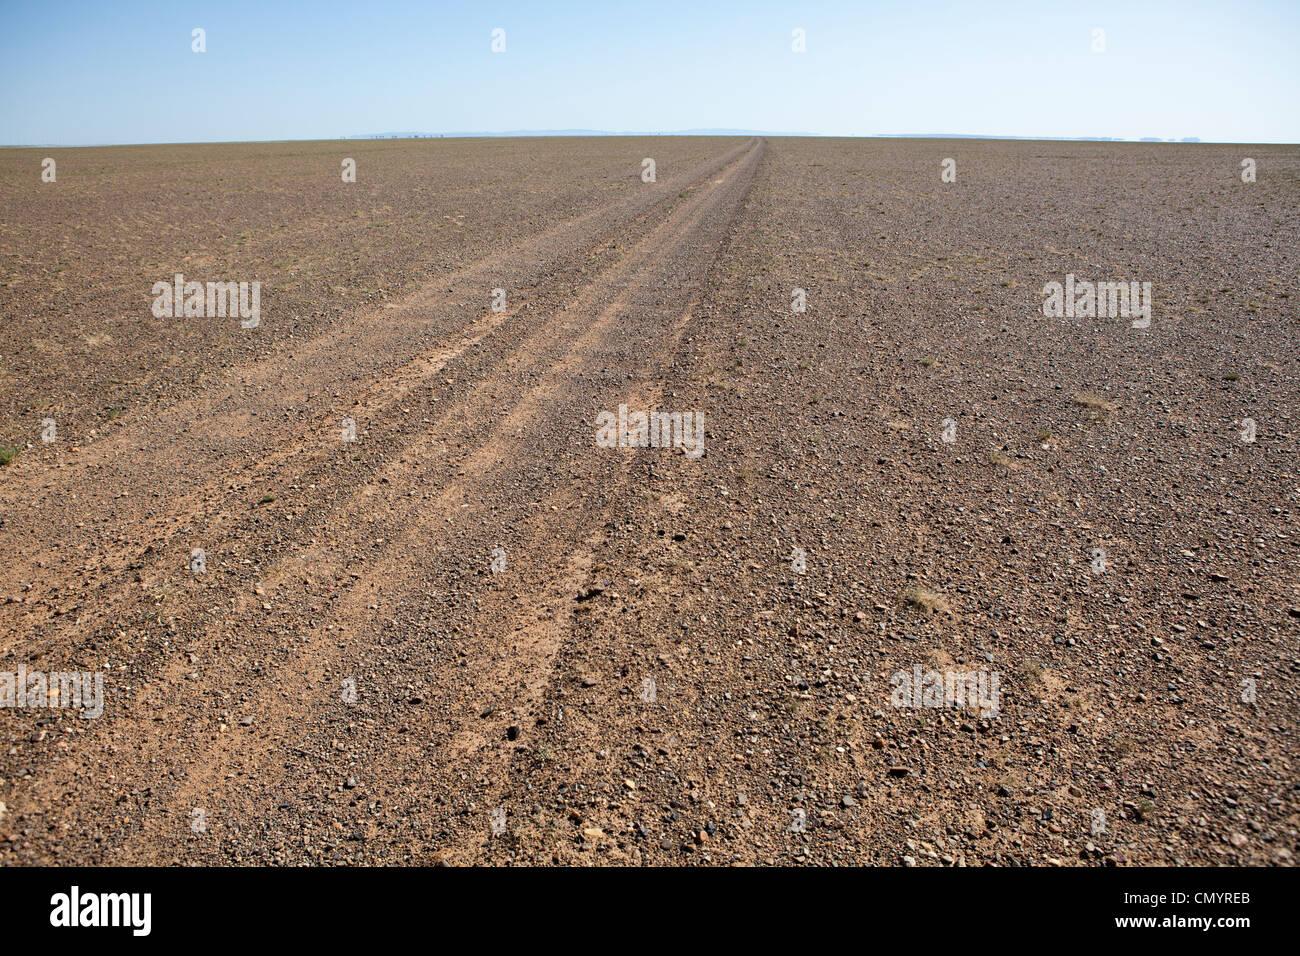 The road of Gobi desert, Mongolia - Stock Image